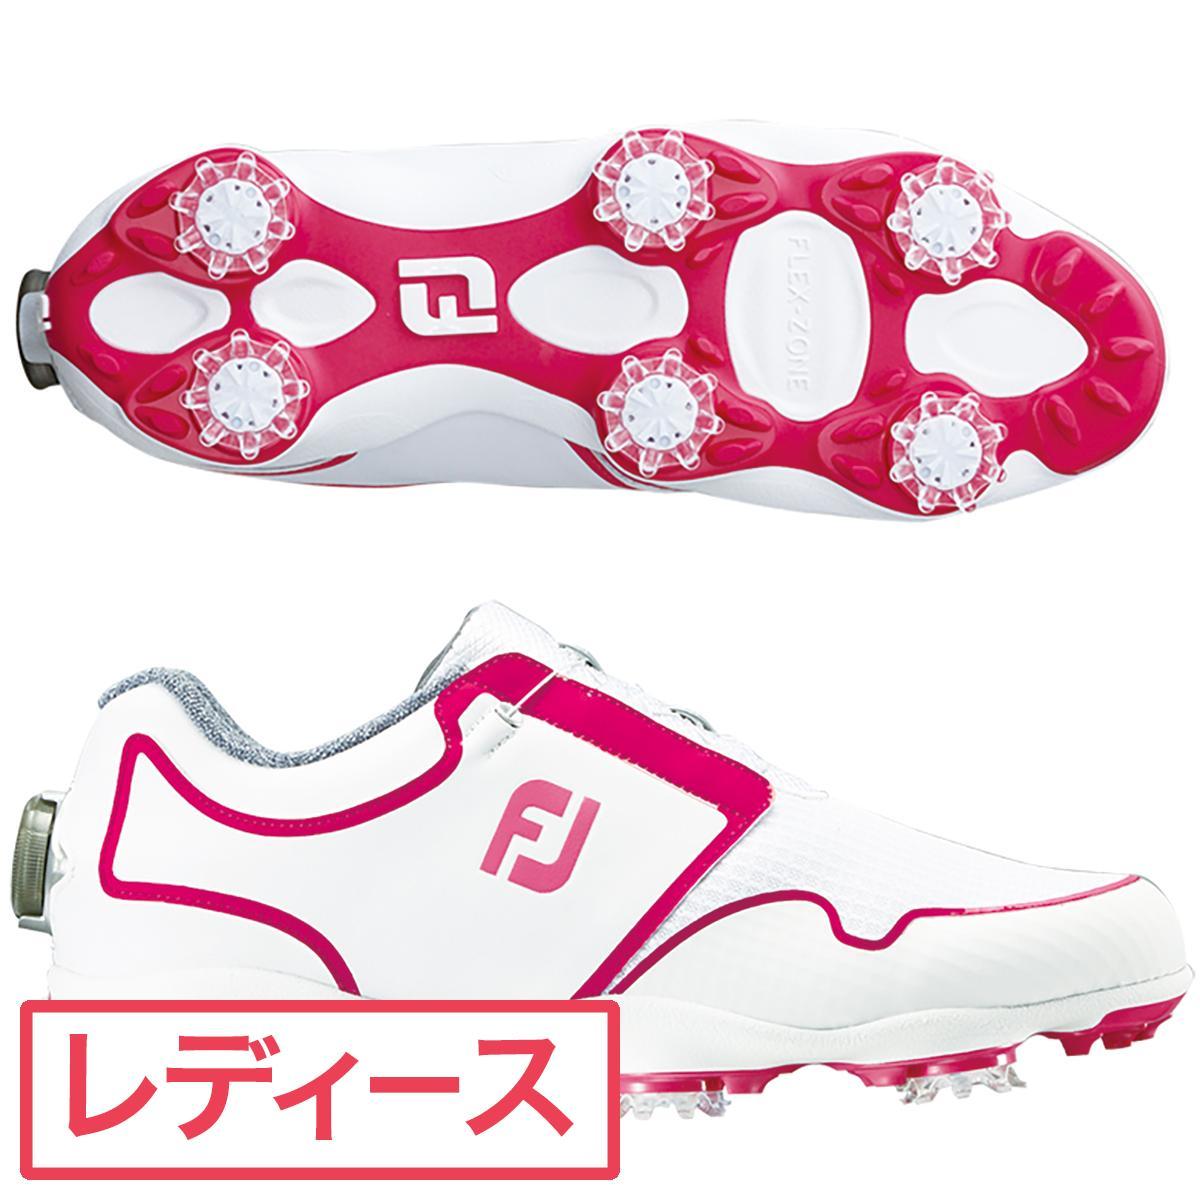 フットジョイ Foot Joy スポーツ TF Boaシューズ レディス